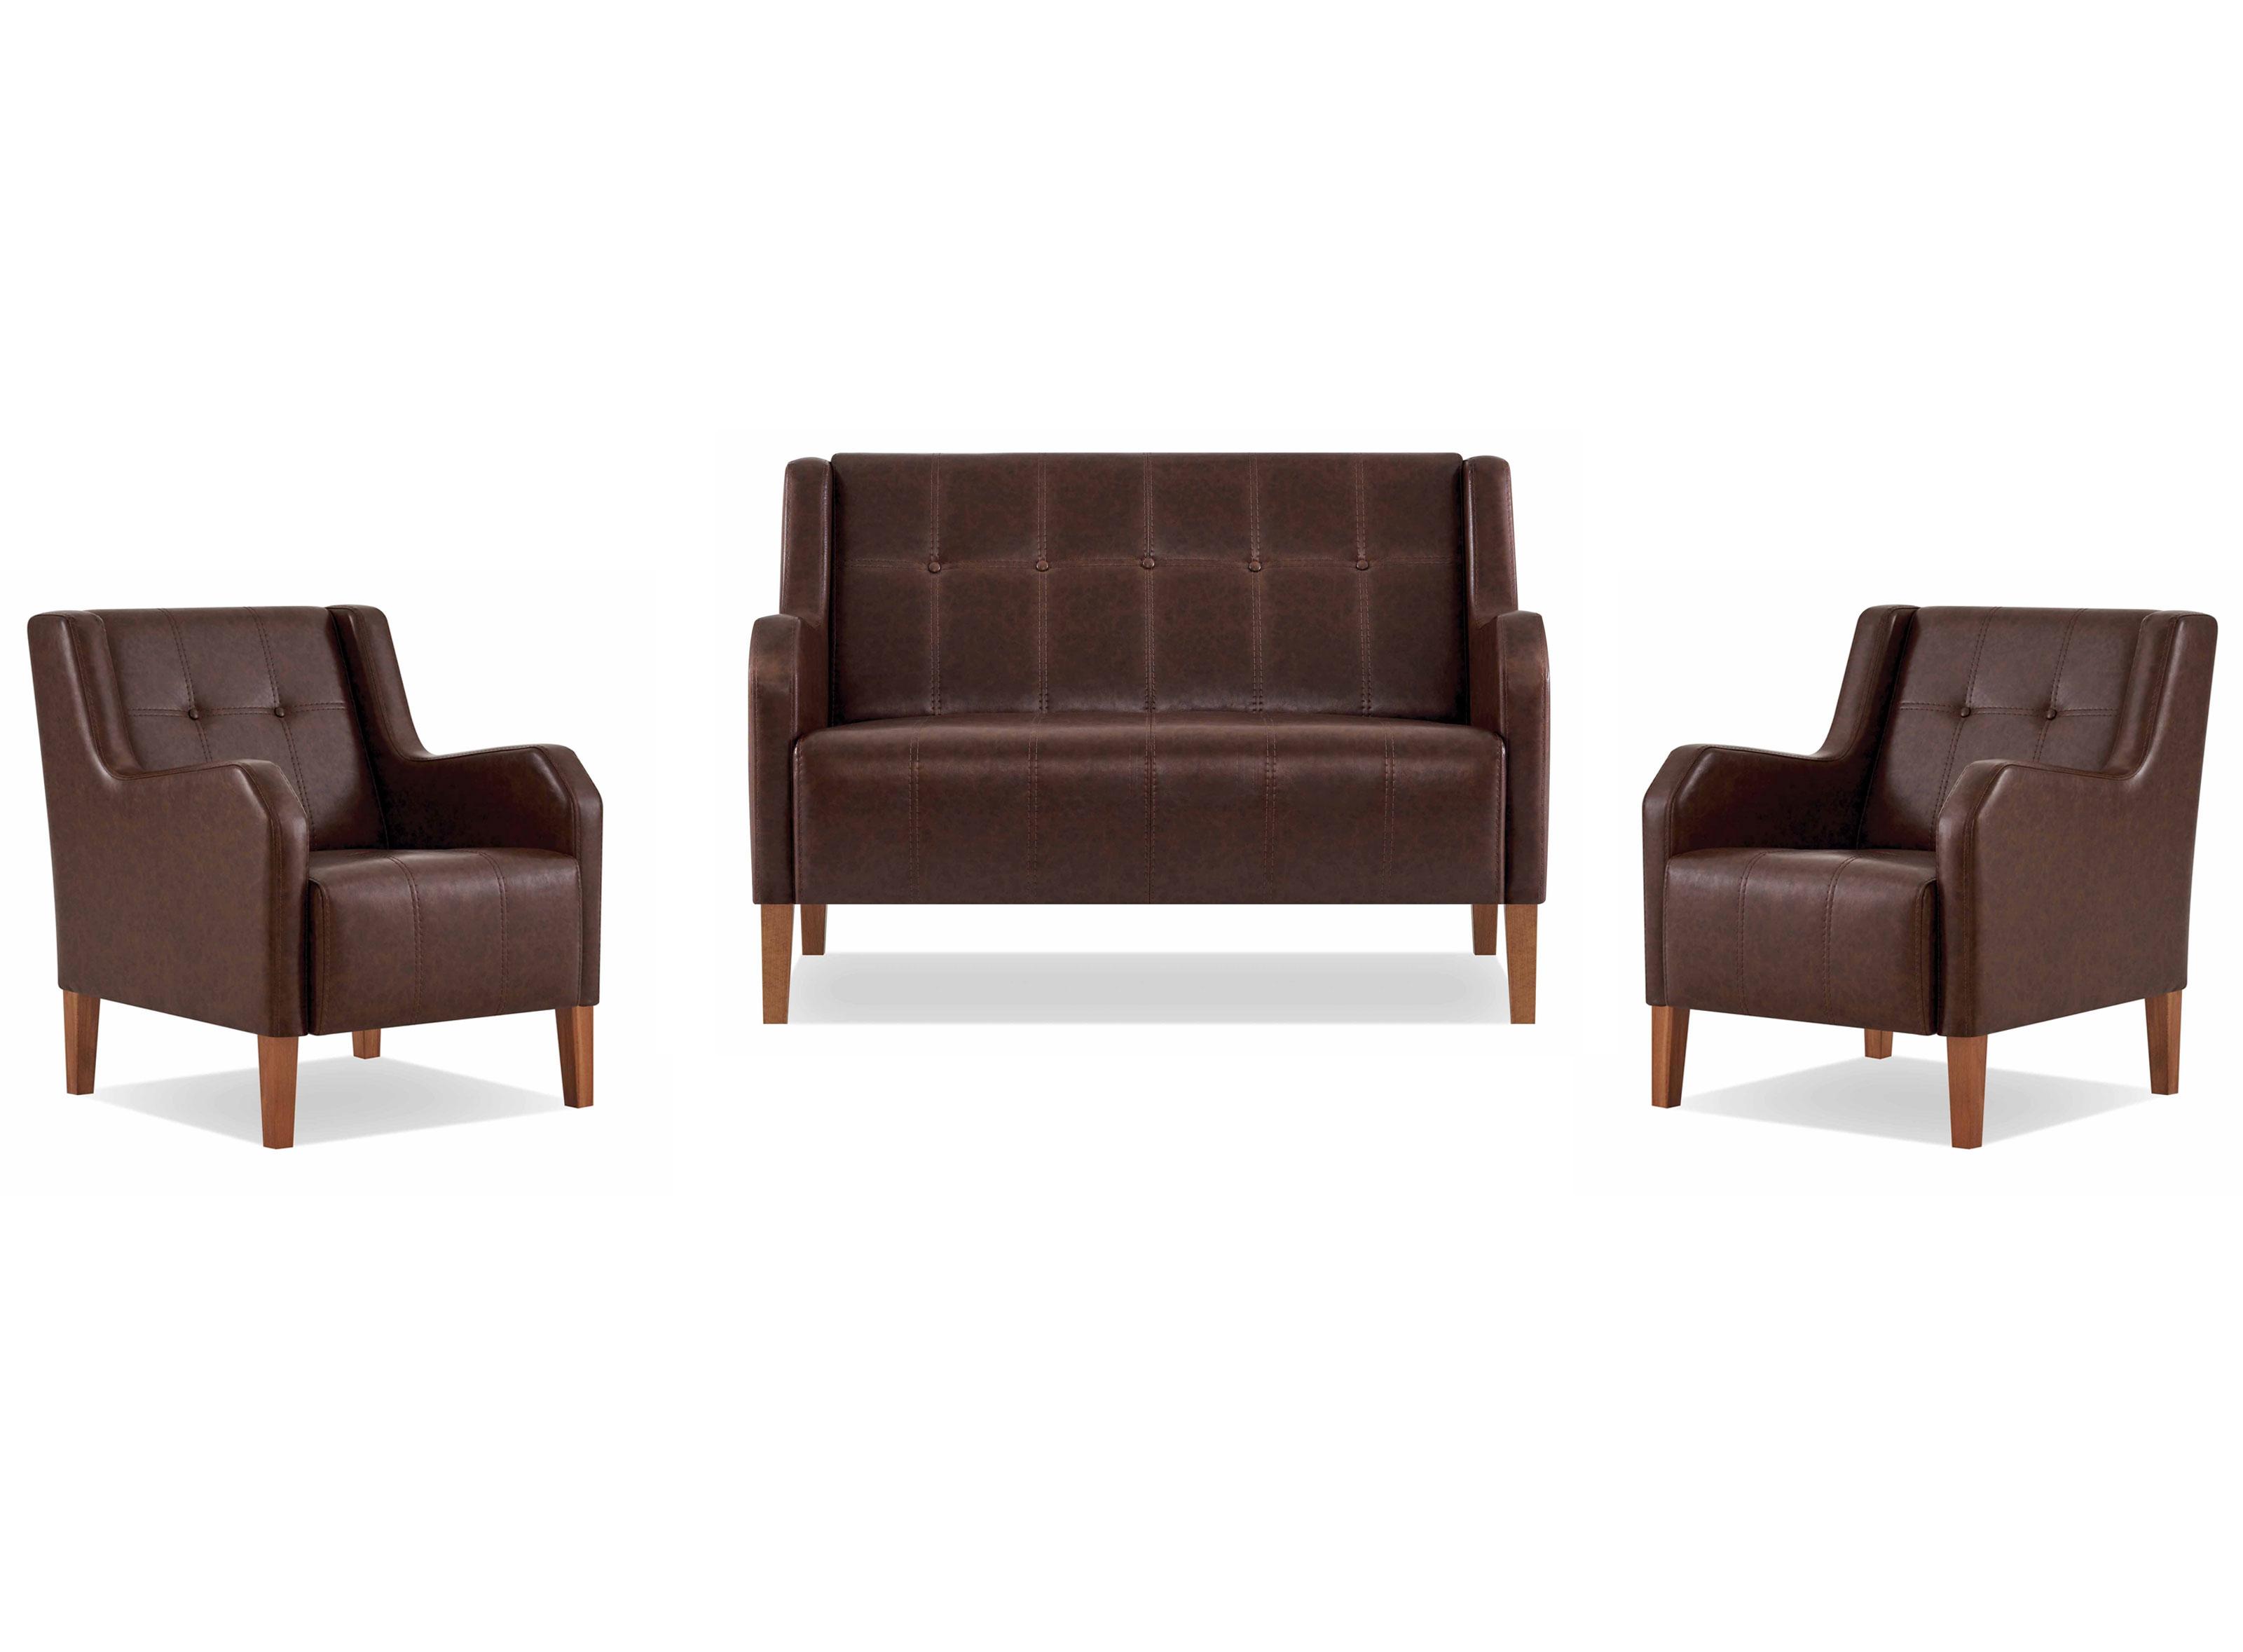 Wazur lounge sofa 2 sitzer braun m bel star for Lounge mobel 2 sitzer